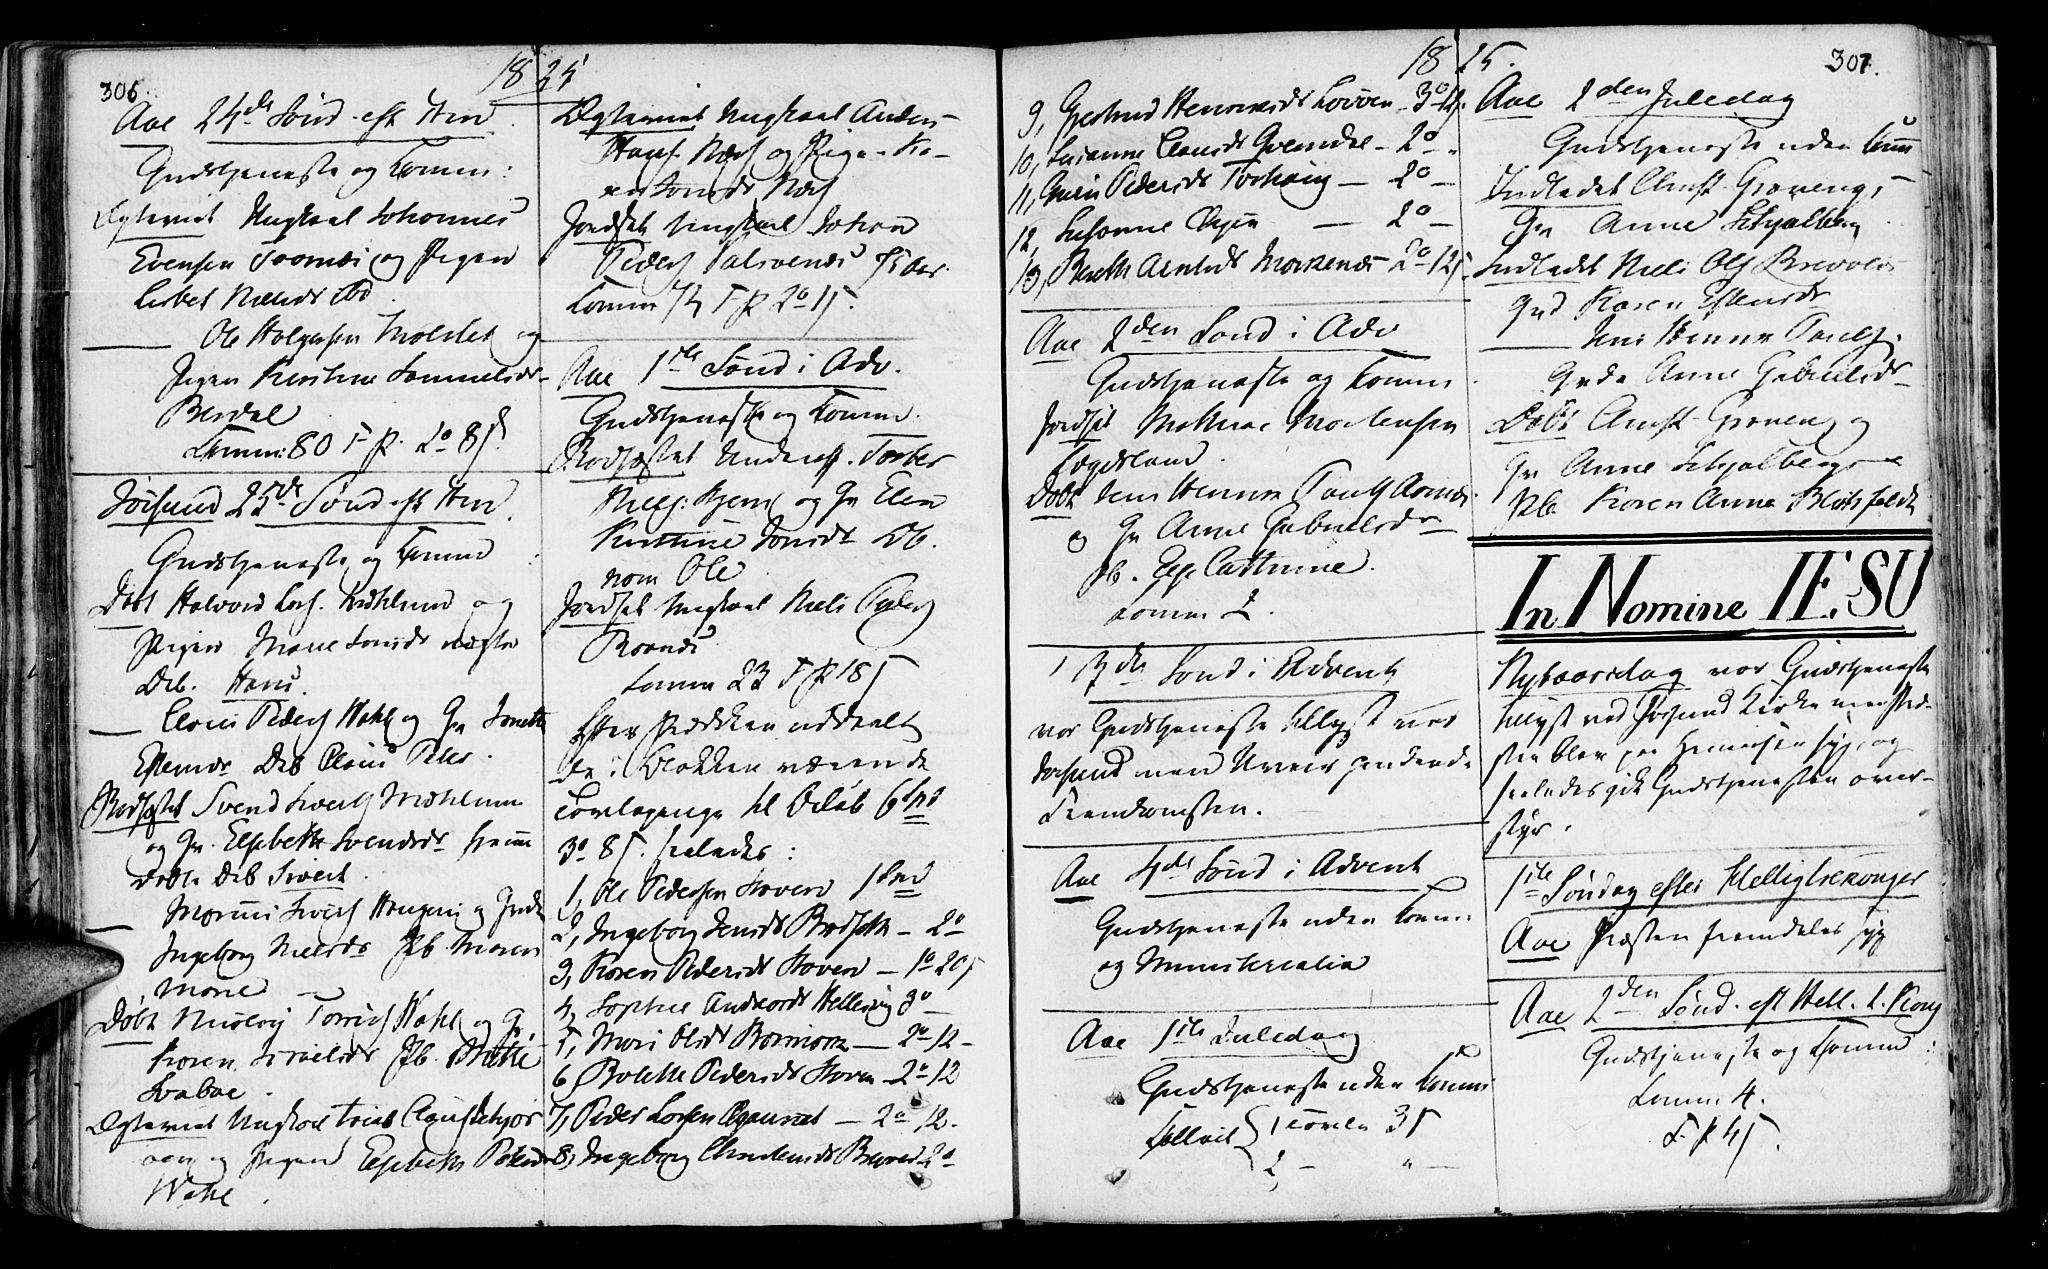 SAT, Ministerialprotokoller, klokkerbøker og fødselsregistre - Sør-Trøndelag, 655/L0674: Ministerialbok nr. 655A03, 1802-1826, s. 306-307